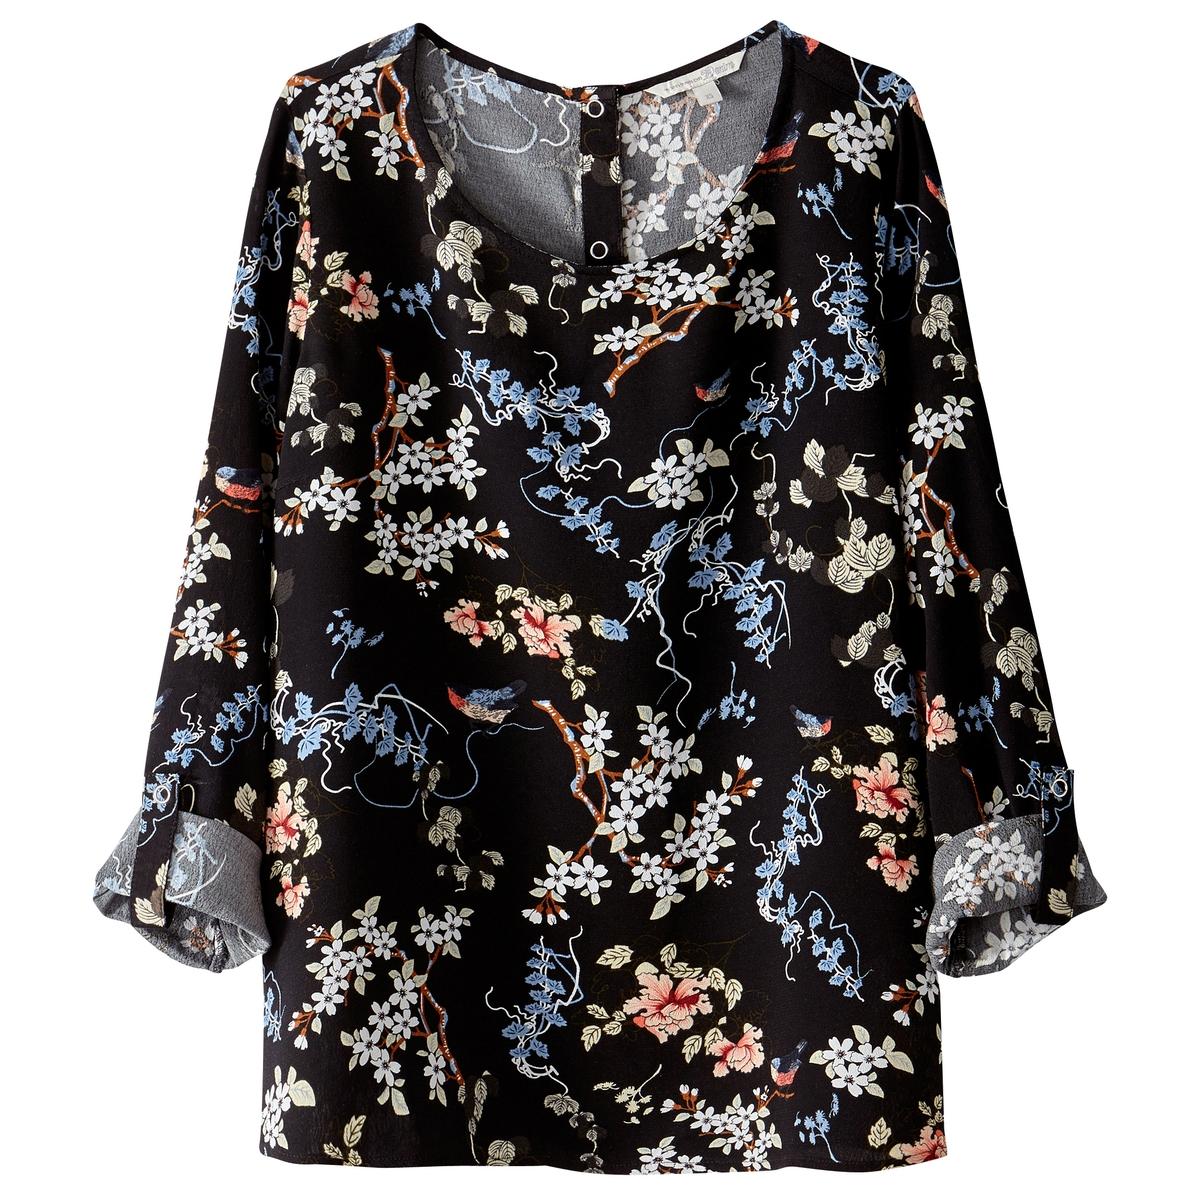 Блузка с круглым вырезом, цветочным рисунком и длинными рукавами tom tailor блузка tom tailor 203140400752647